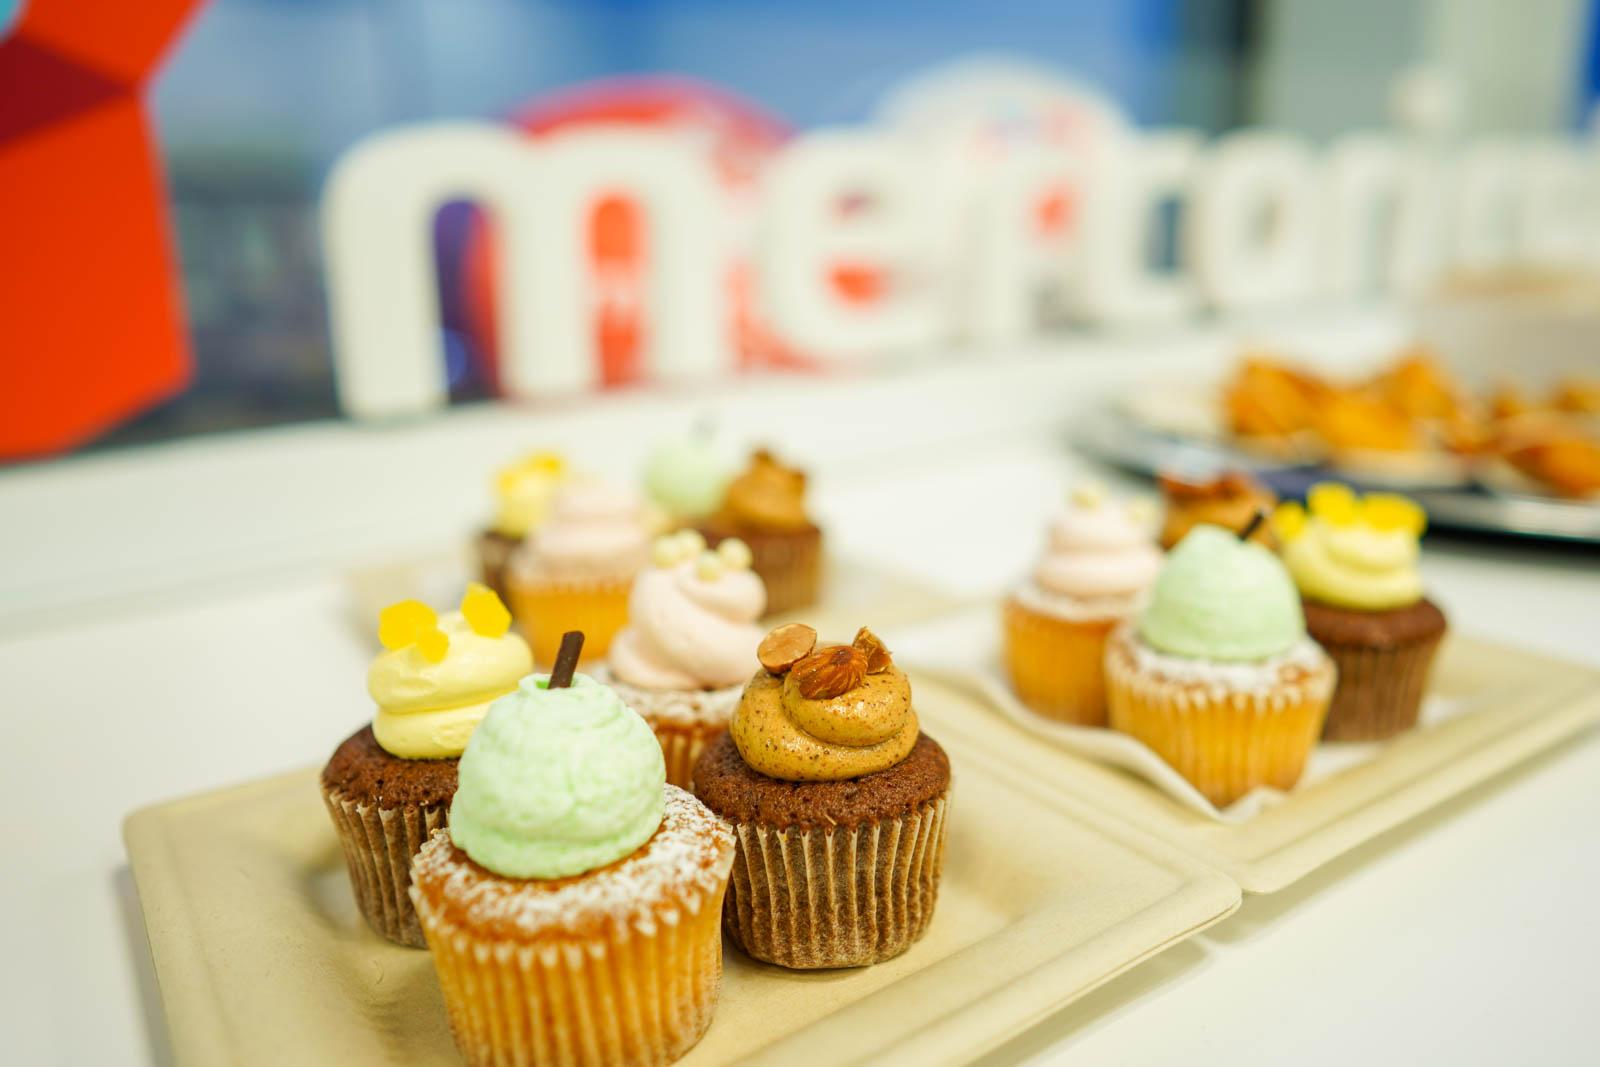 お客さまと一緒にメルカリについておしゃべりする「mercari petit cafe」を開催しました